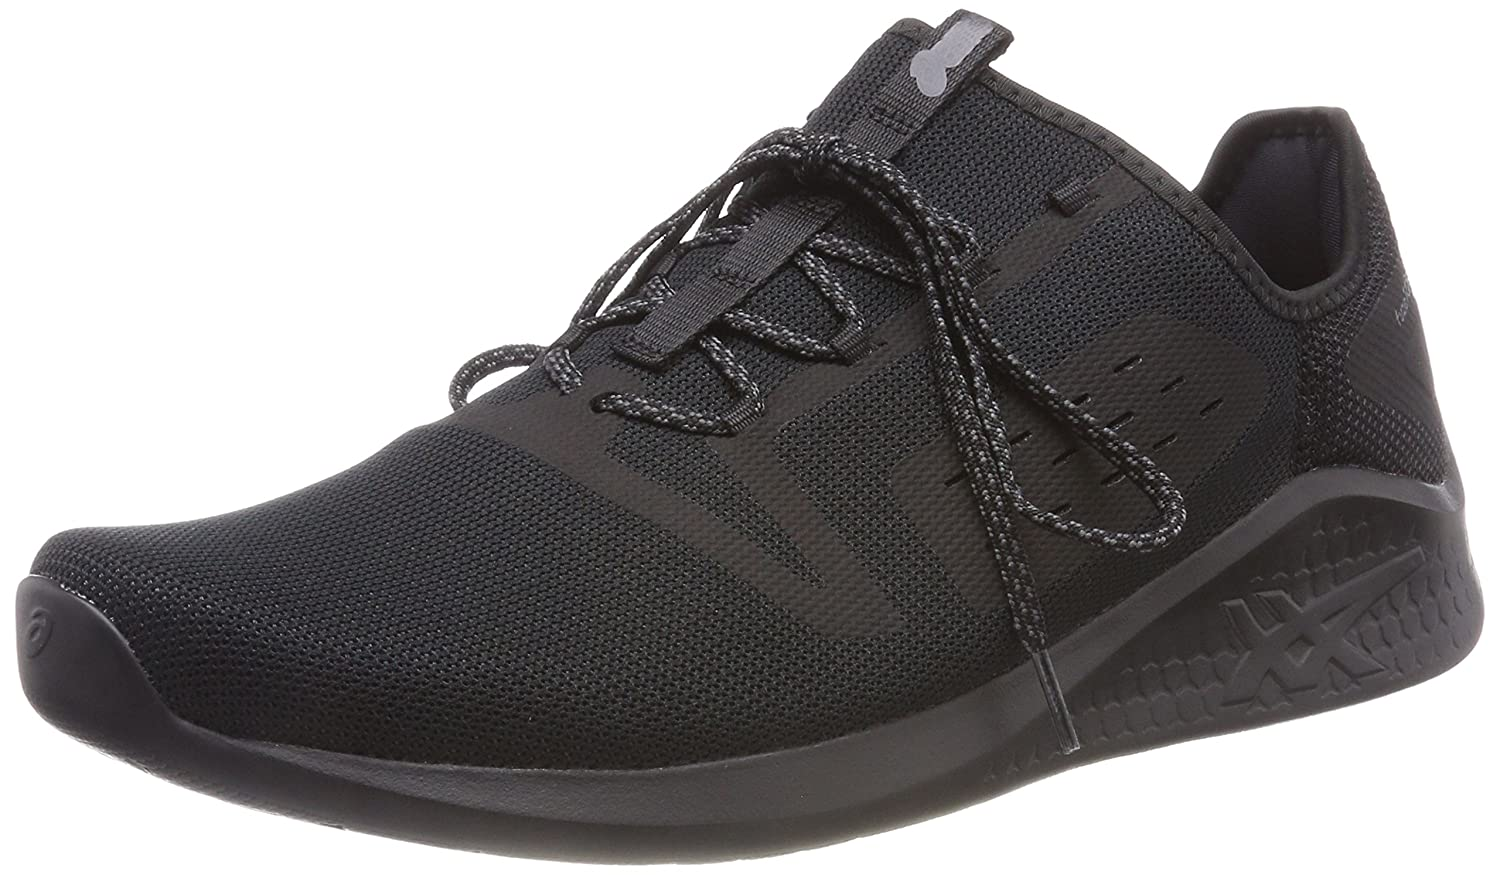 Noir (noir noir Carbon 9090) ASICS Fuzetora, Chaussures de Running Homme 41.5 EU